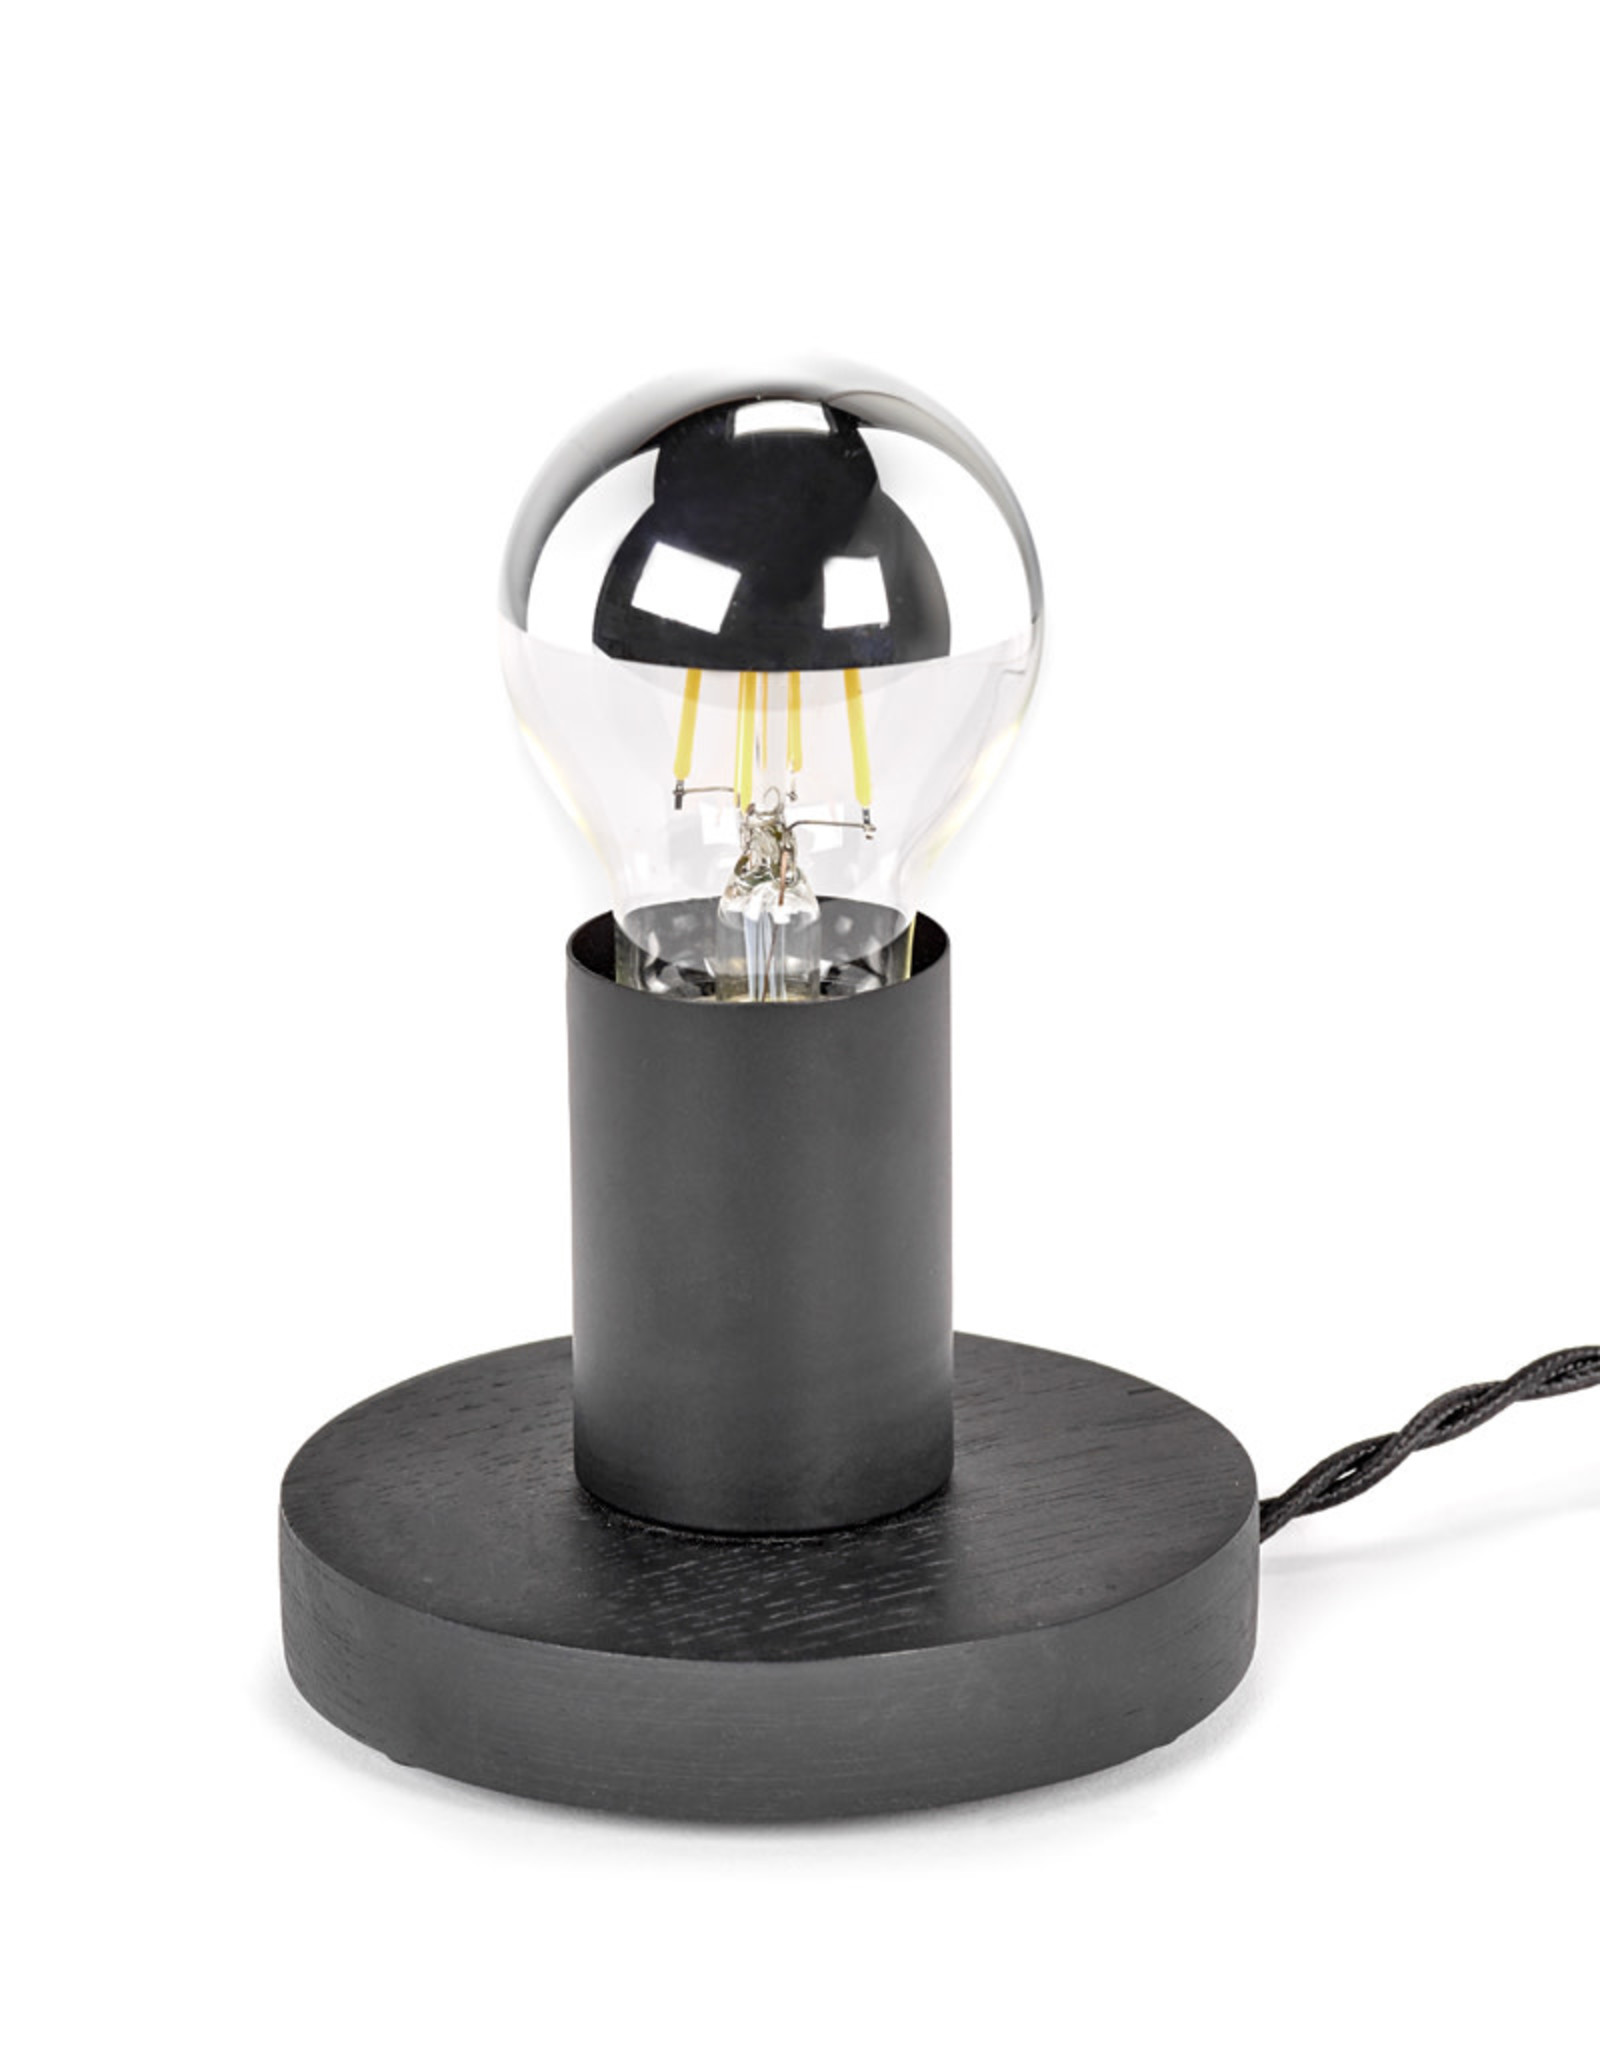 SERAX SERAX TABLE LAMP NR.19-02 BLACK WOOD